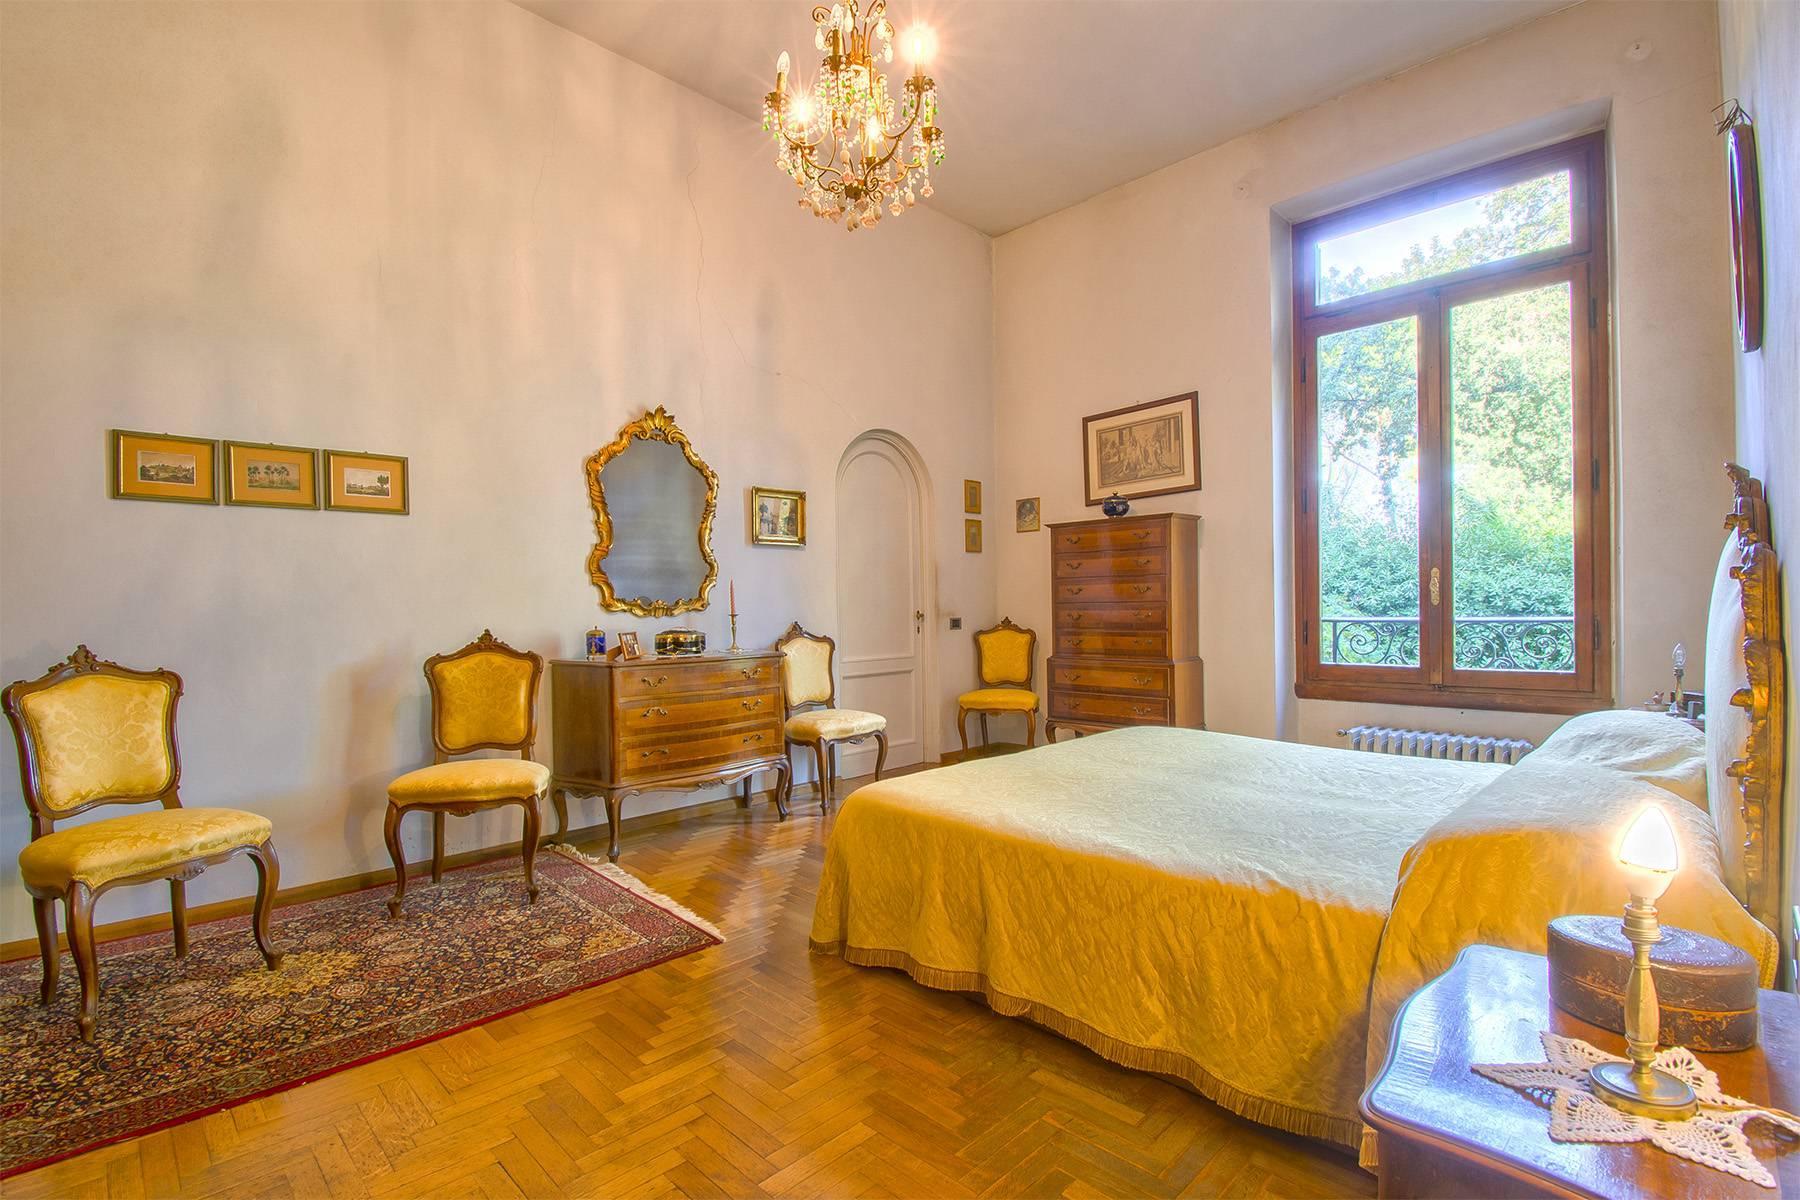 Exquisite apartment in a historic villa - 13